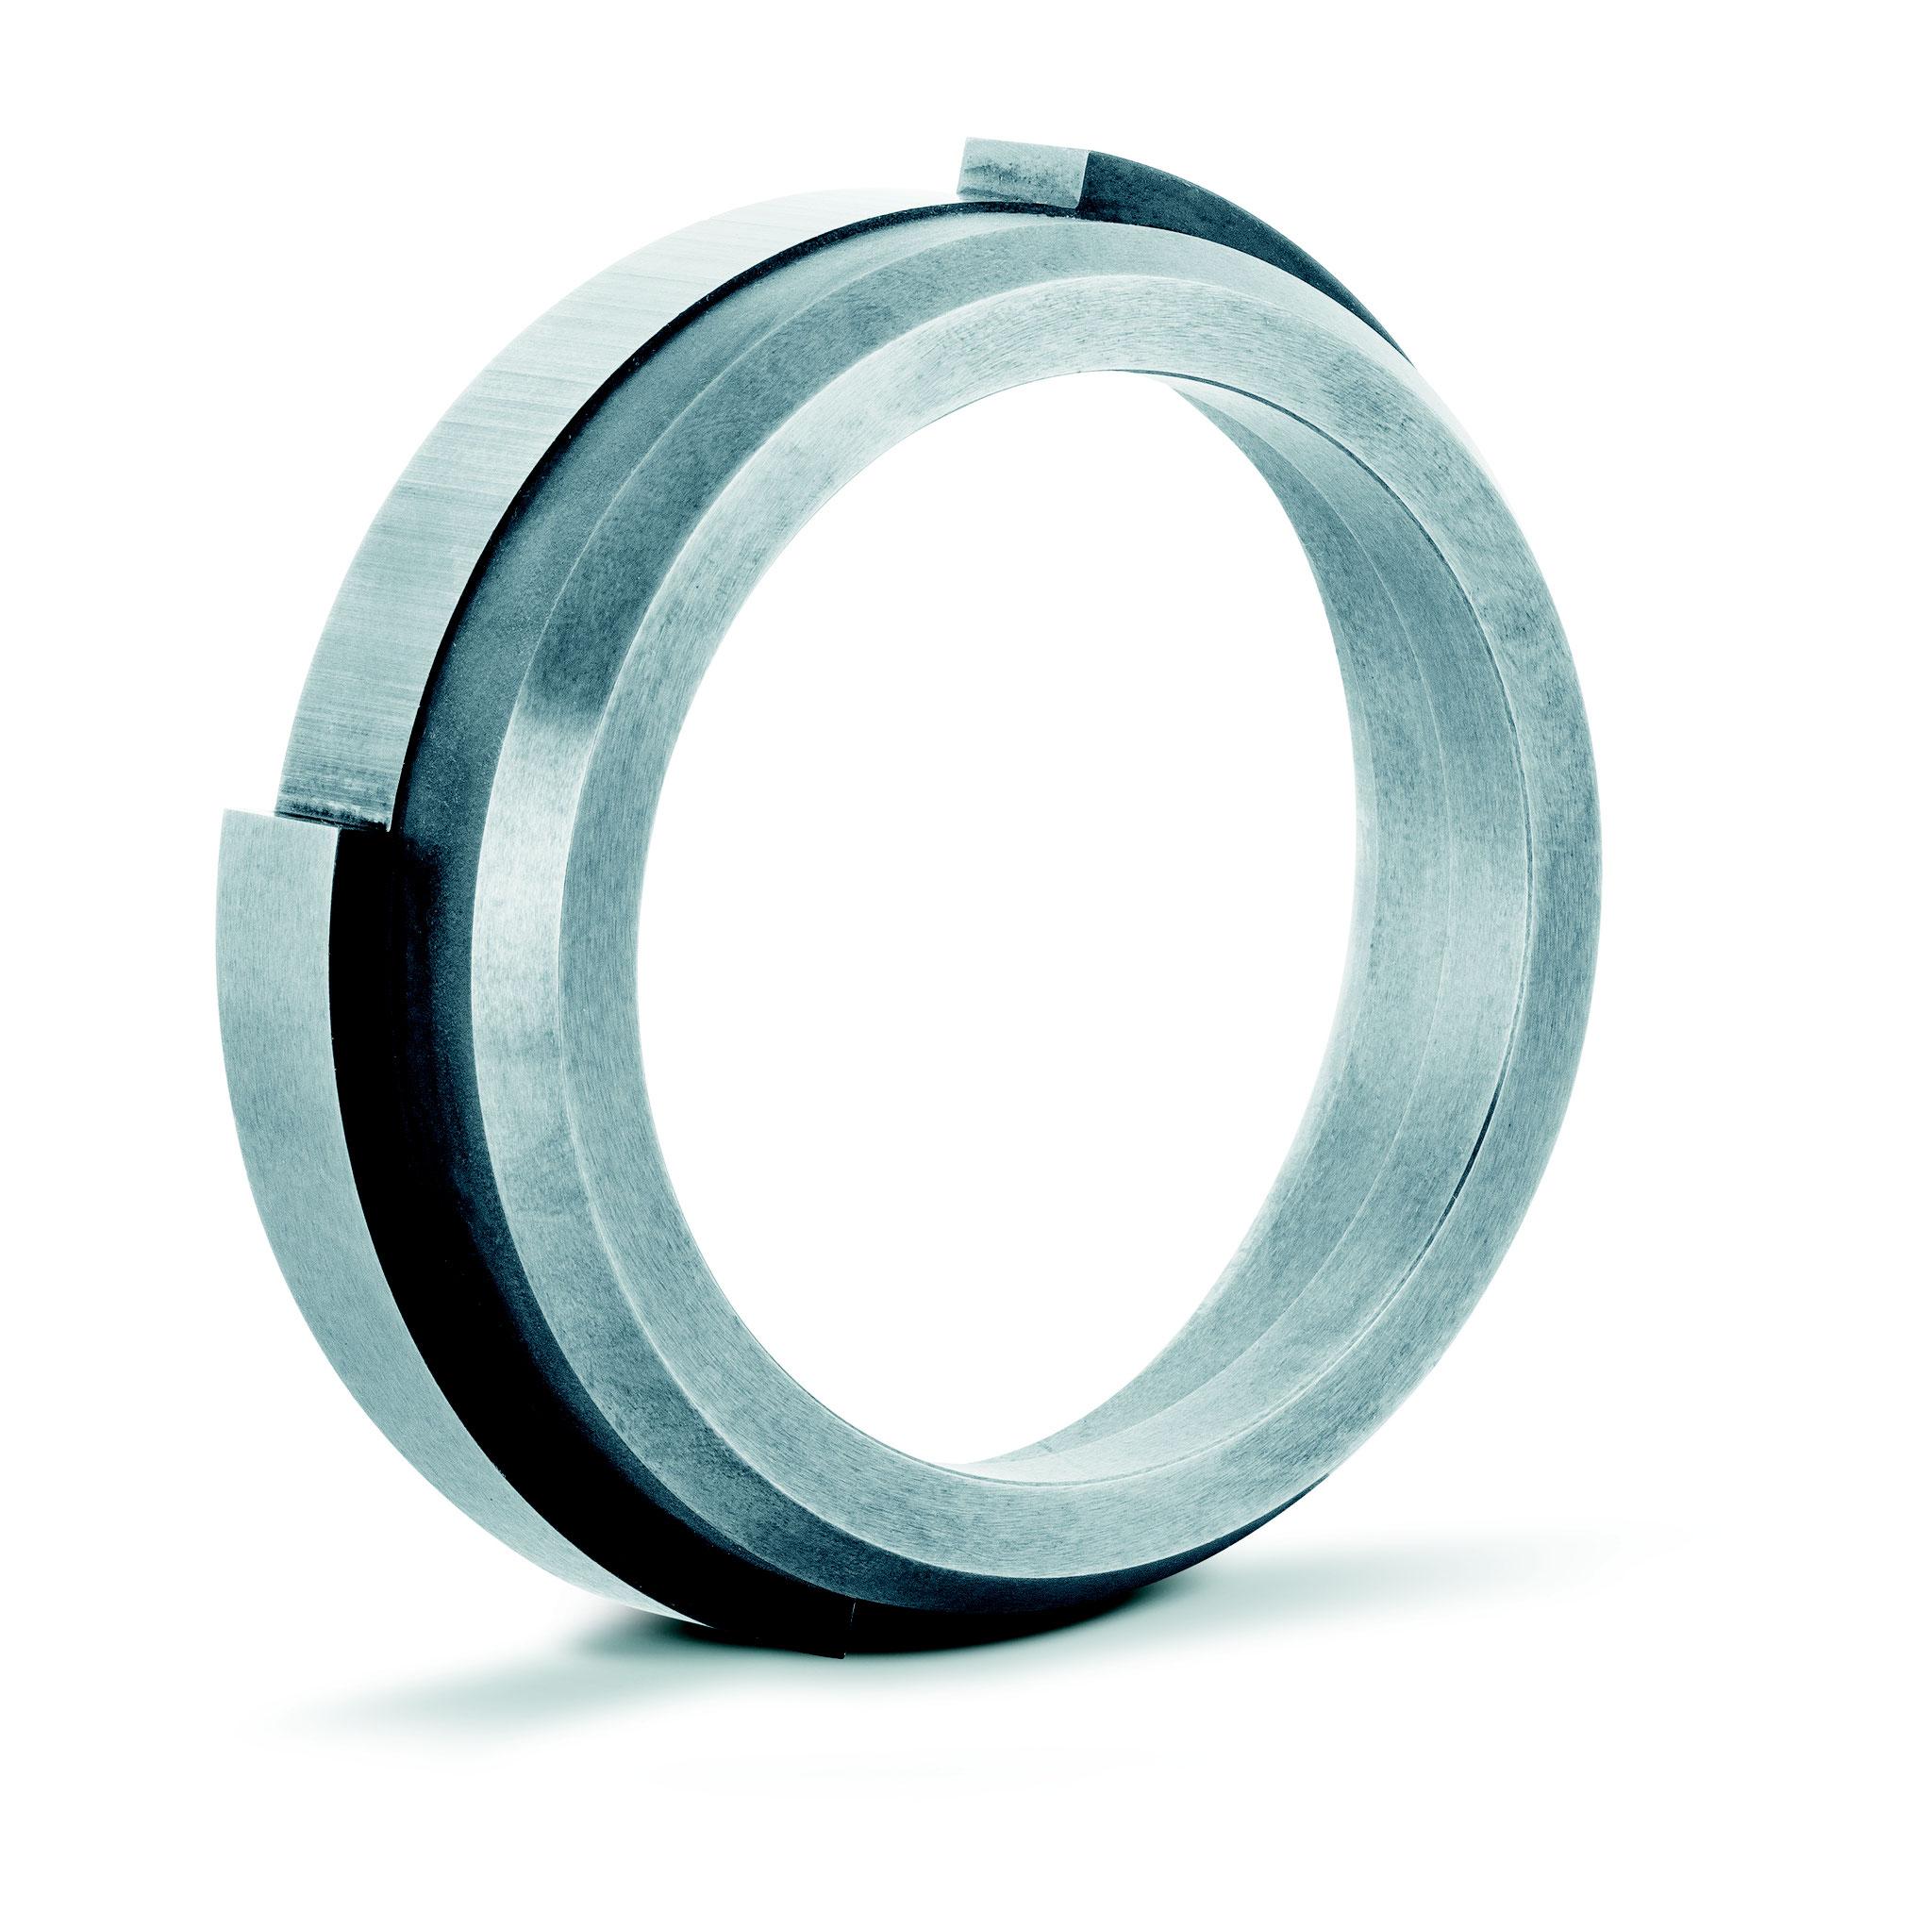 Über 60 verschiedene Hartmetallsorten umfasst das Durit-Sortiment